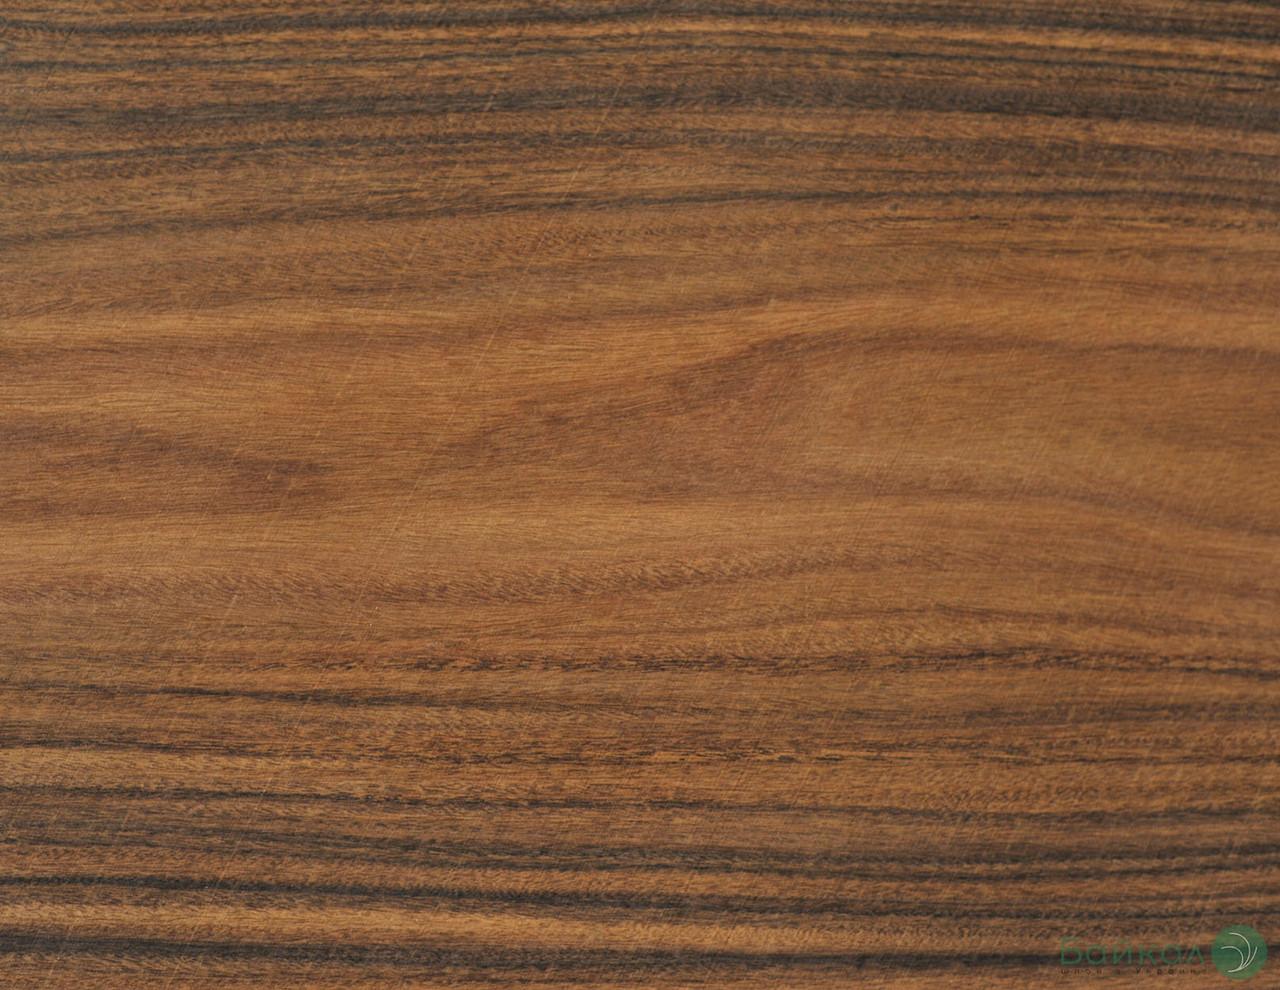 Шпон Палисандр Сантос (строганный) Logs - 0,55 мм 2,10-2,55 м/10 см+